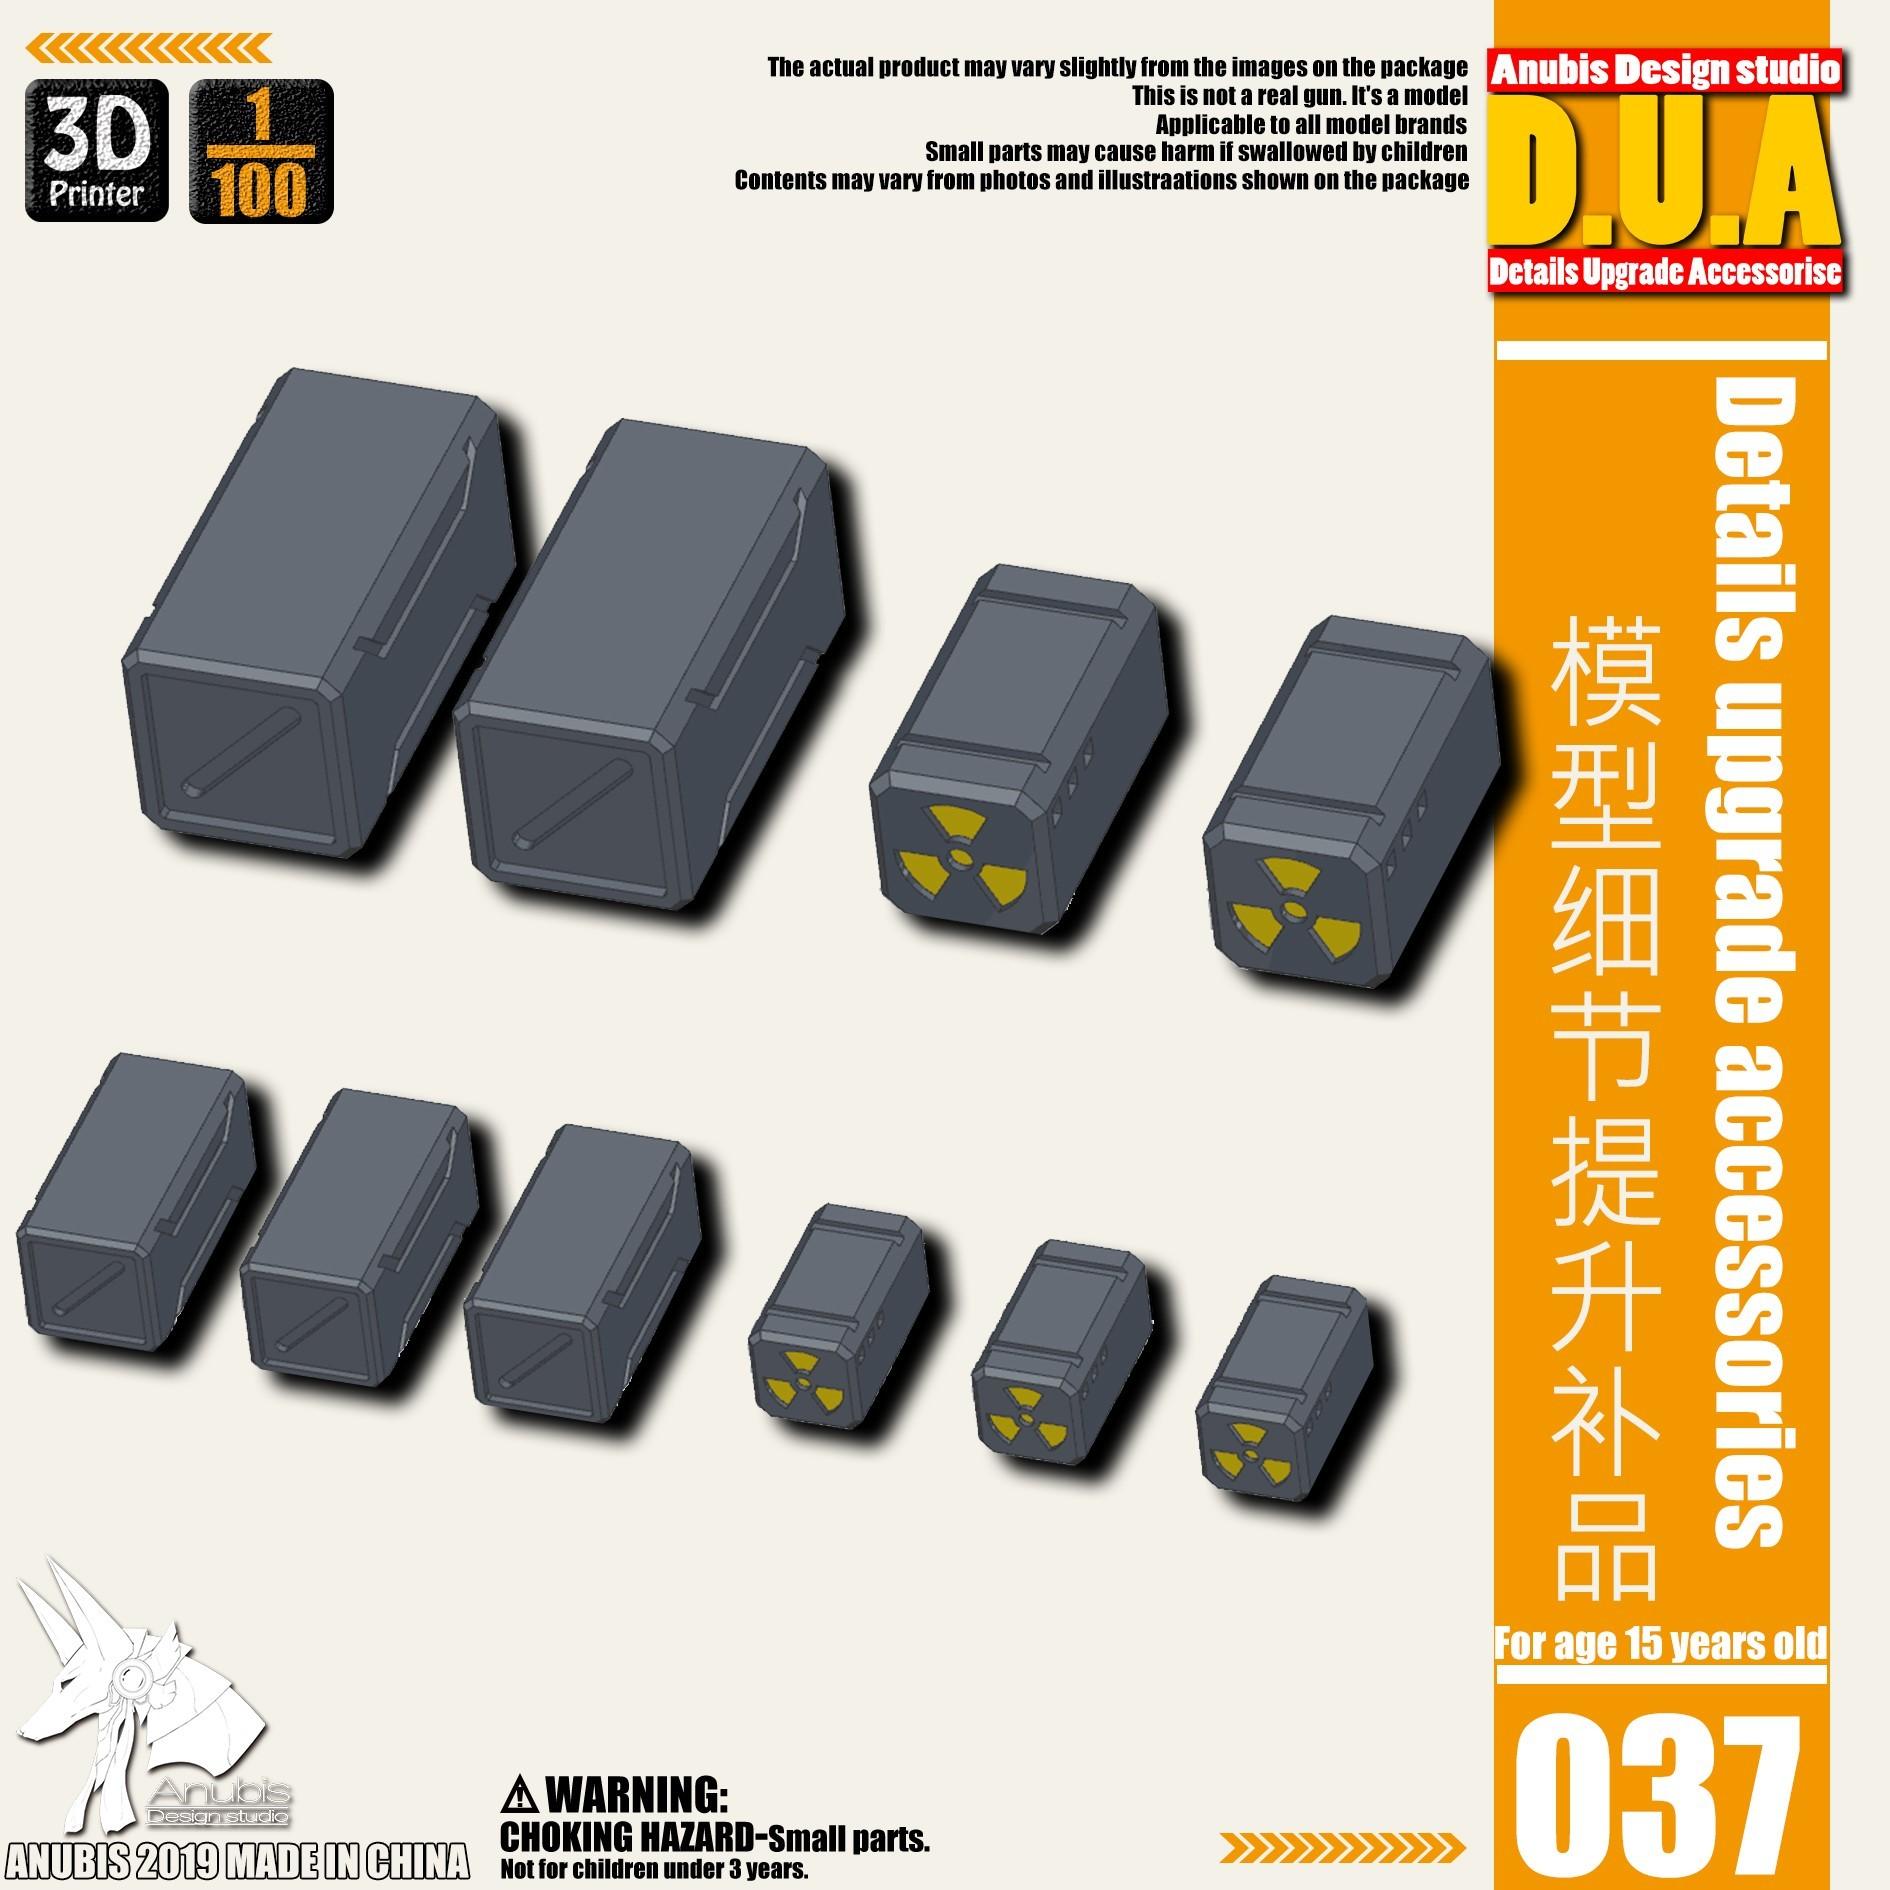 G413_DUA037_001.jpg